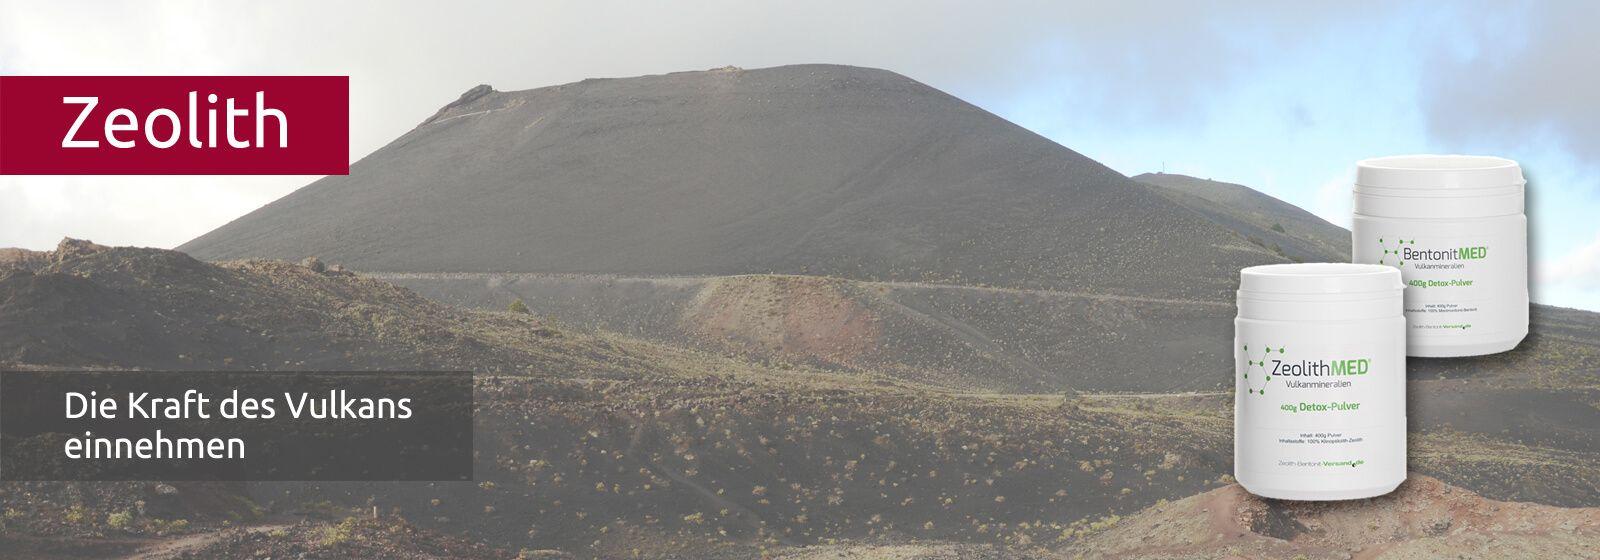 Karge Vulkanlandschaft mit brauner Lava